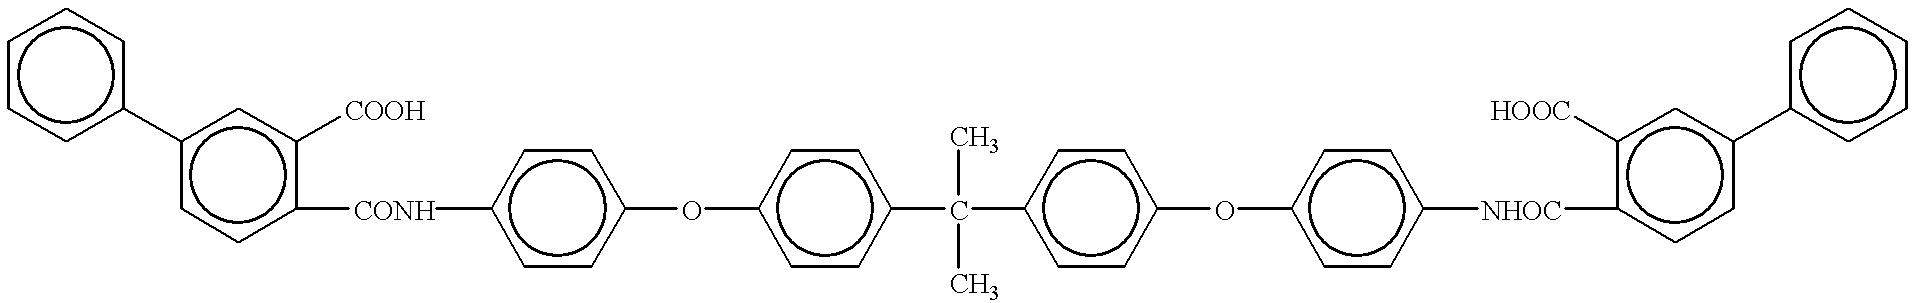 Figure US06180560-20010130-C00538